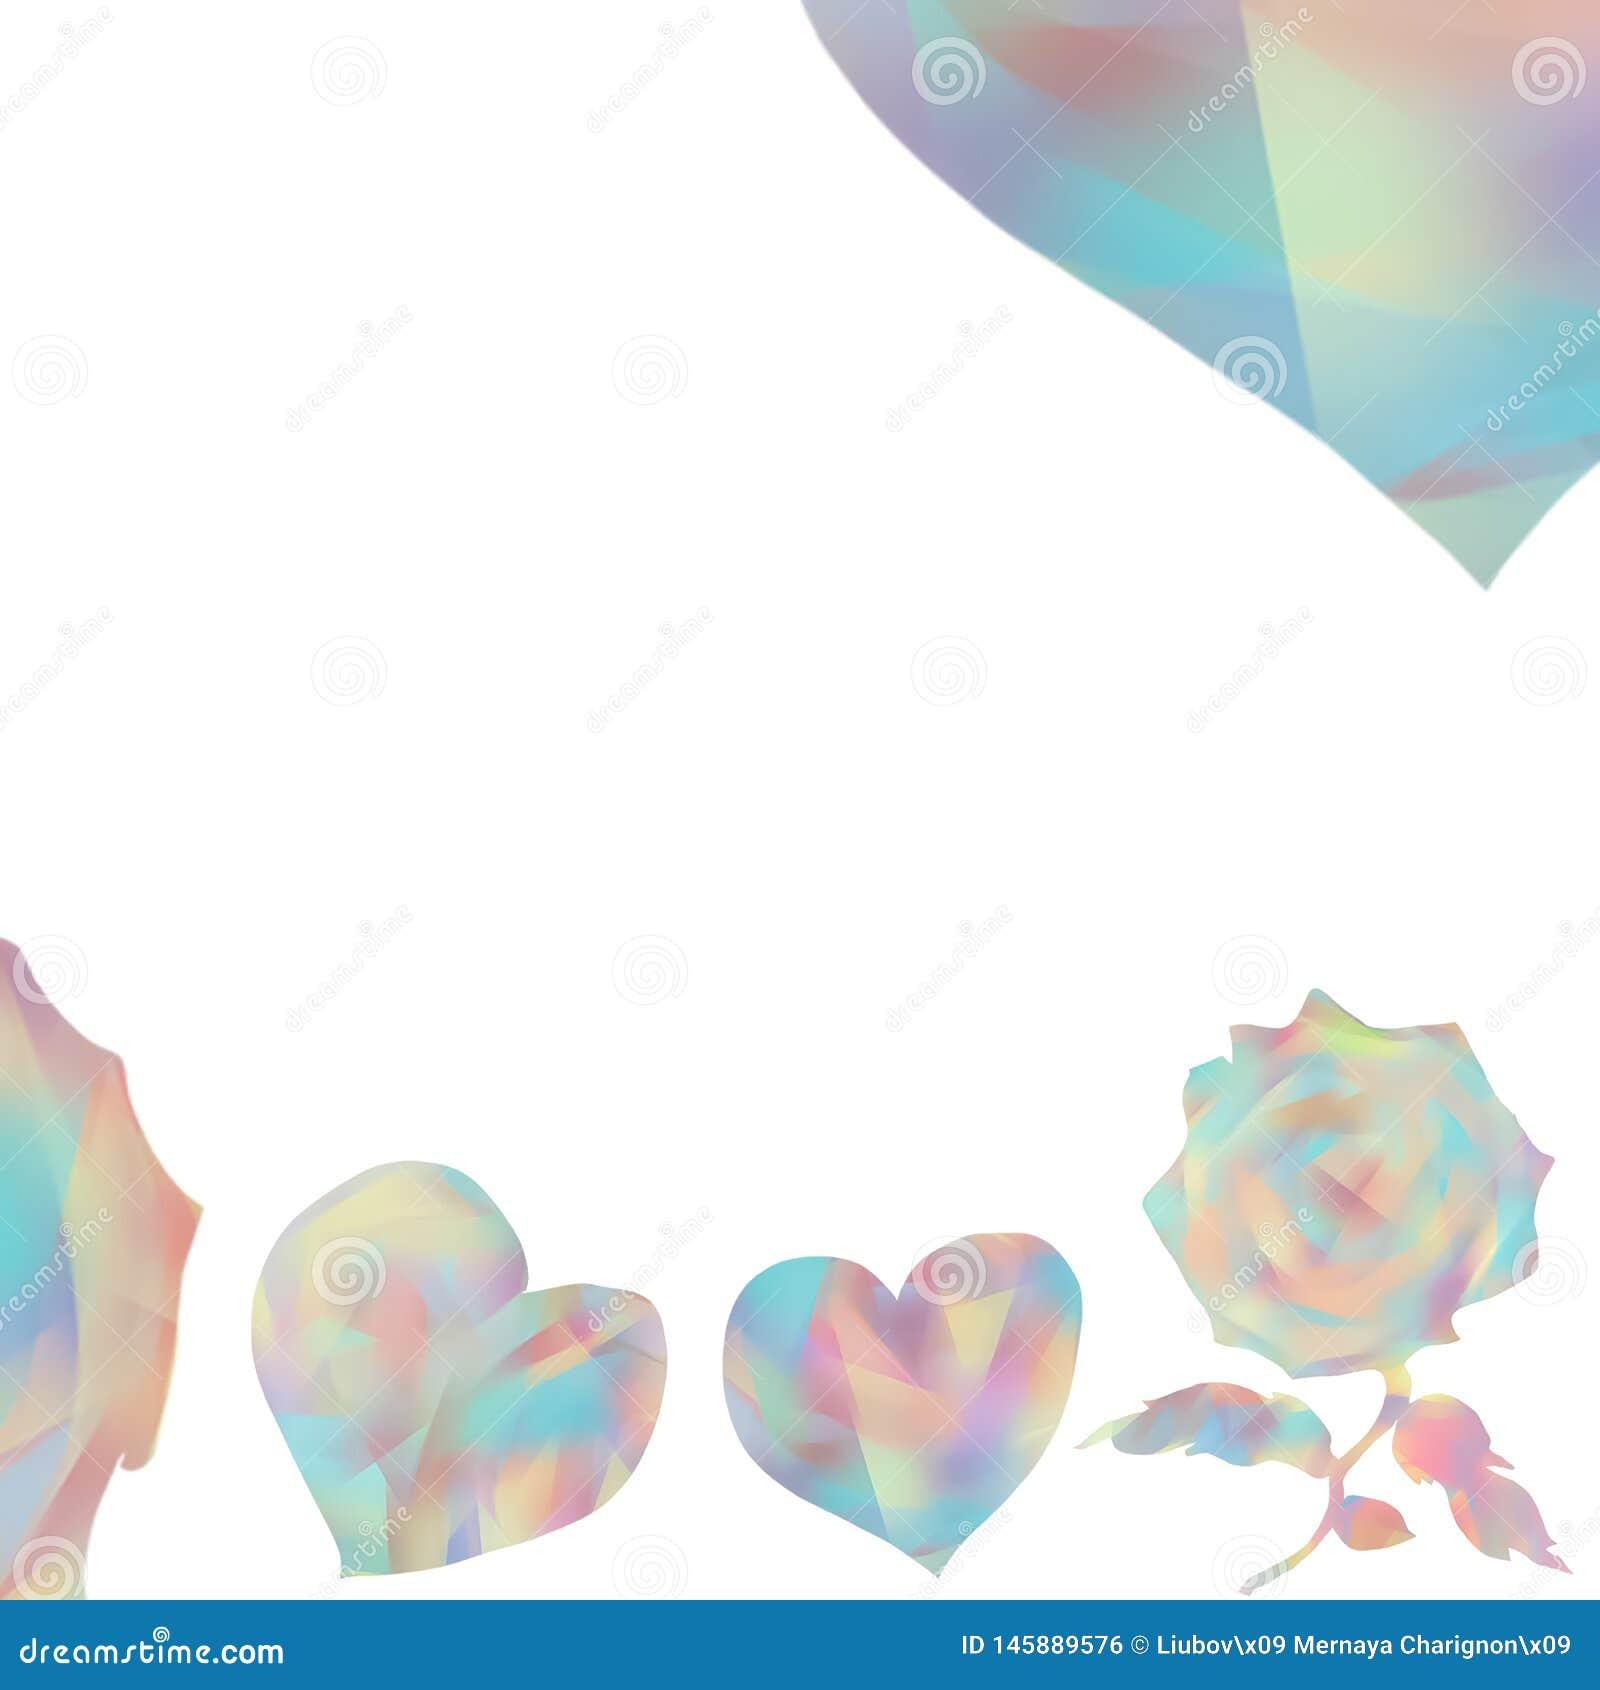 Поздравительные открытки для дня или свадьбы Valentine's